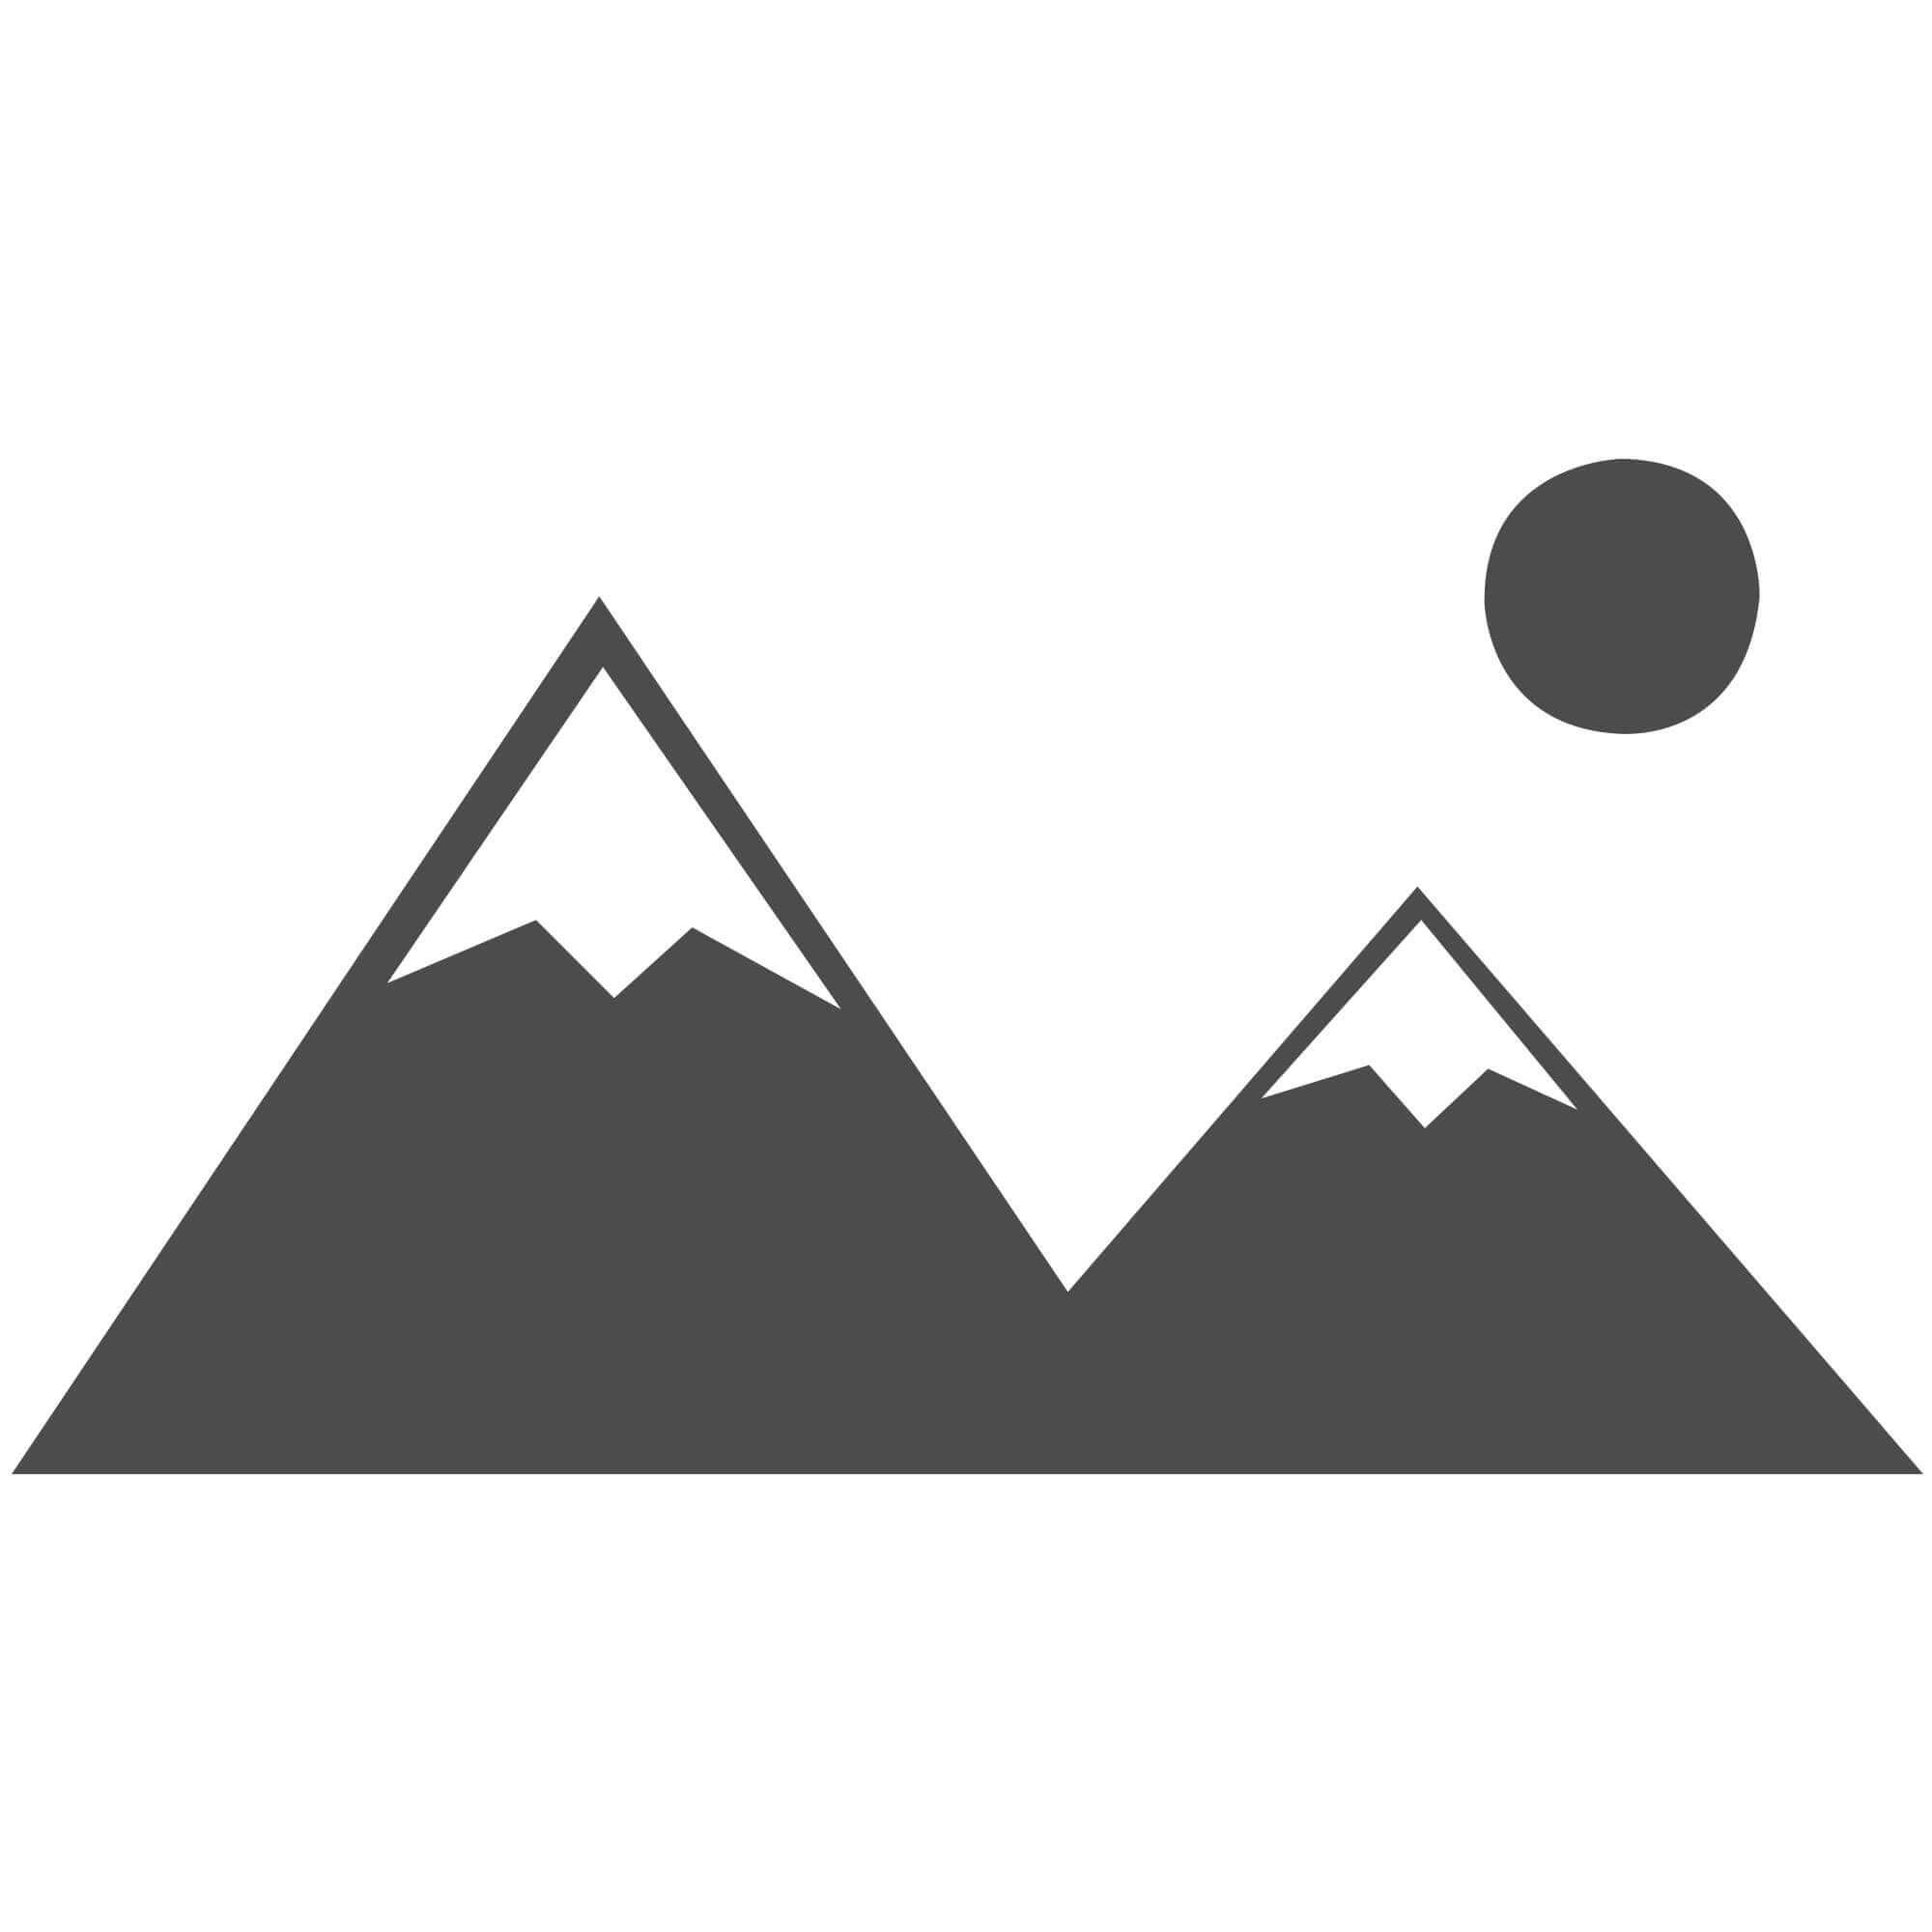 """Kashqai Afghan Turkmen Design Rug - 4346/300 - Size 135 x 200 cm (4'5"""" x 6'7"""")"""